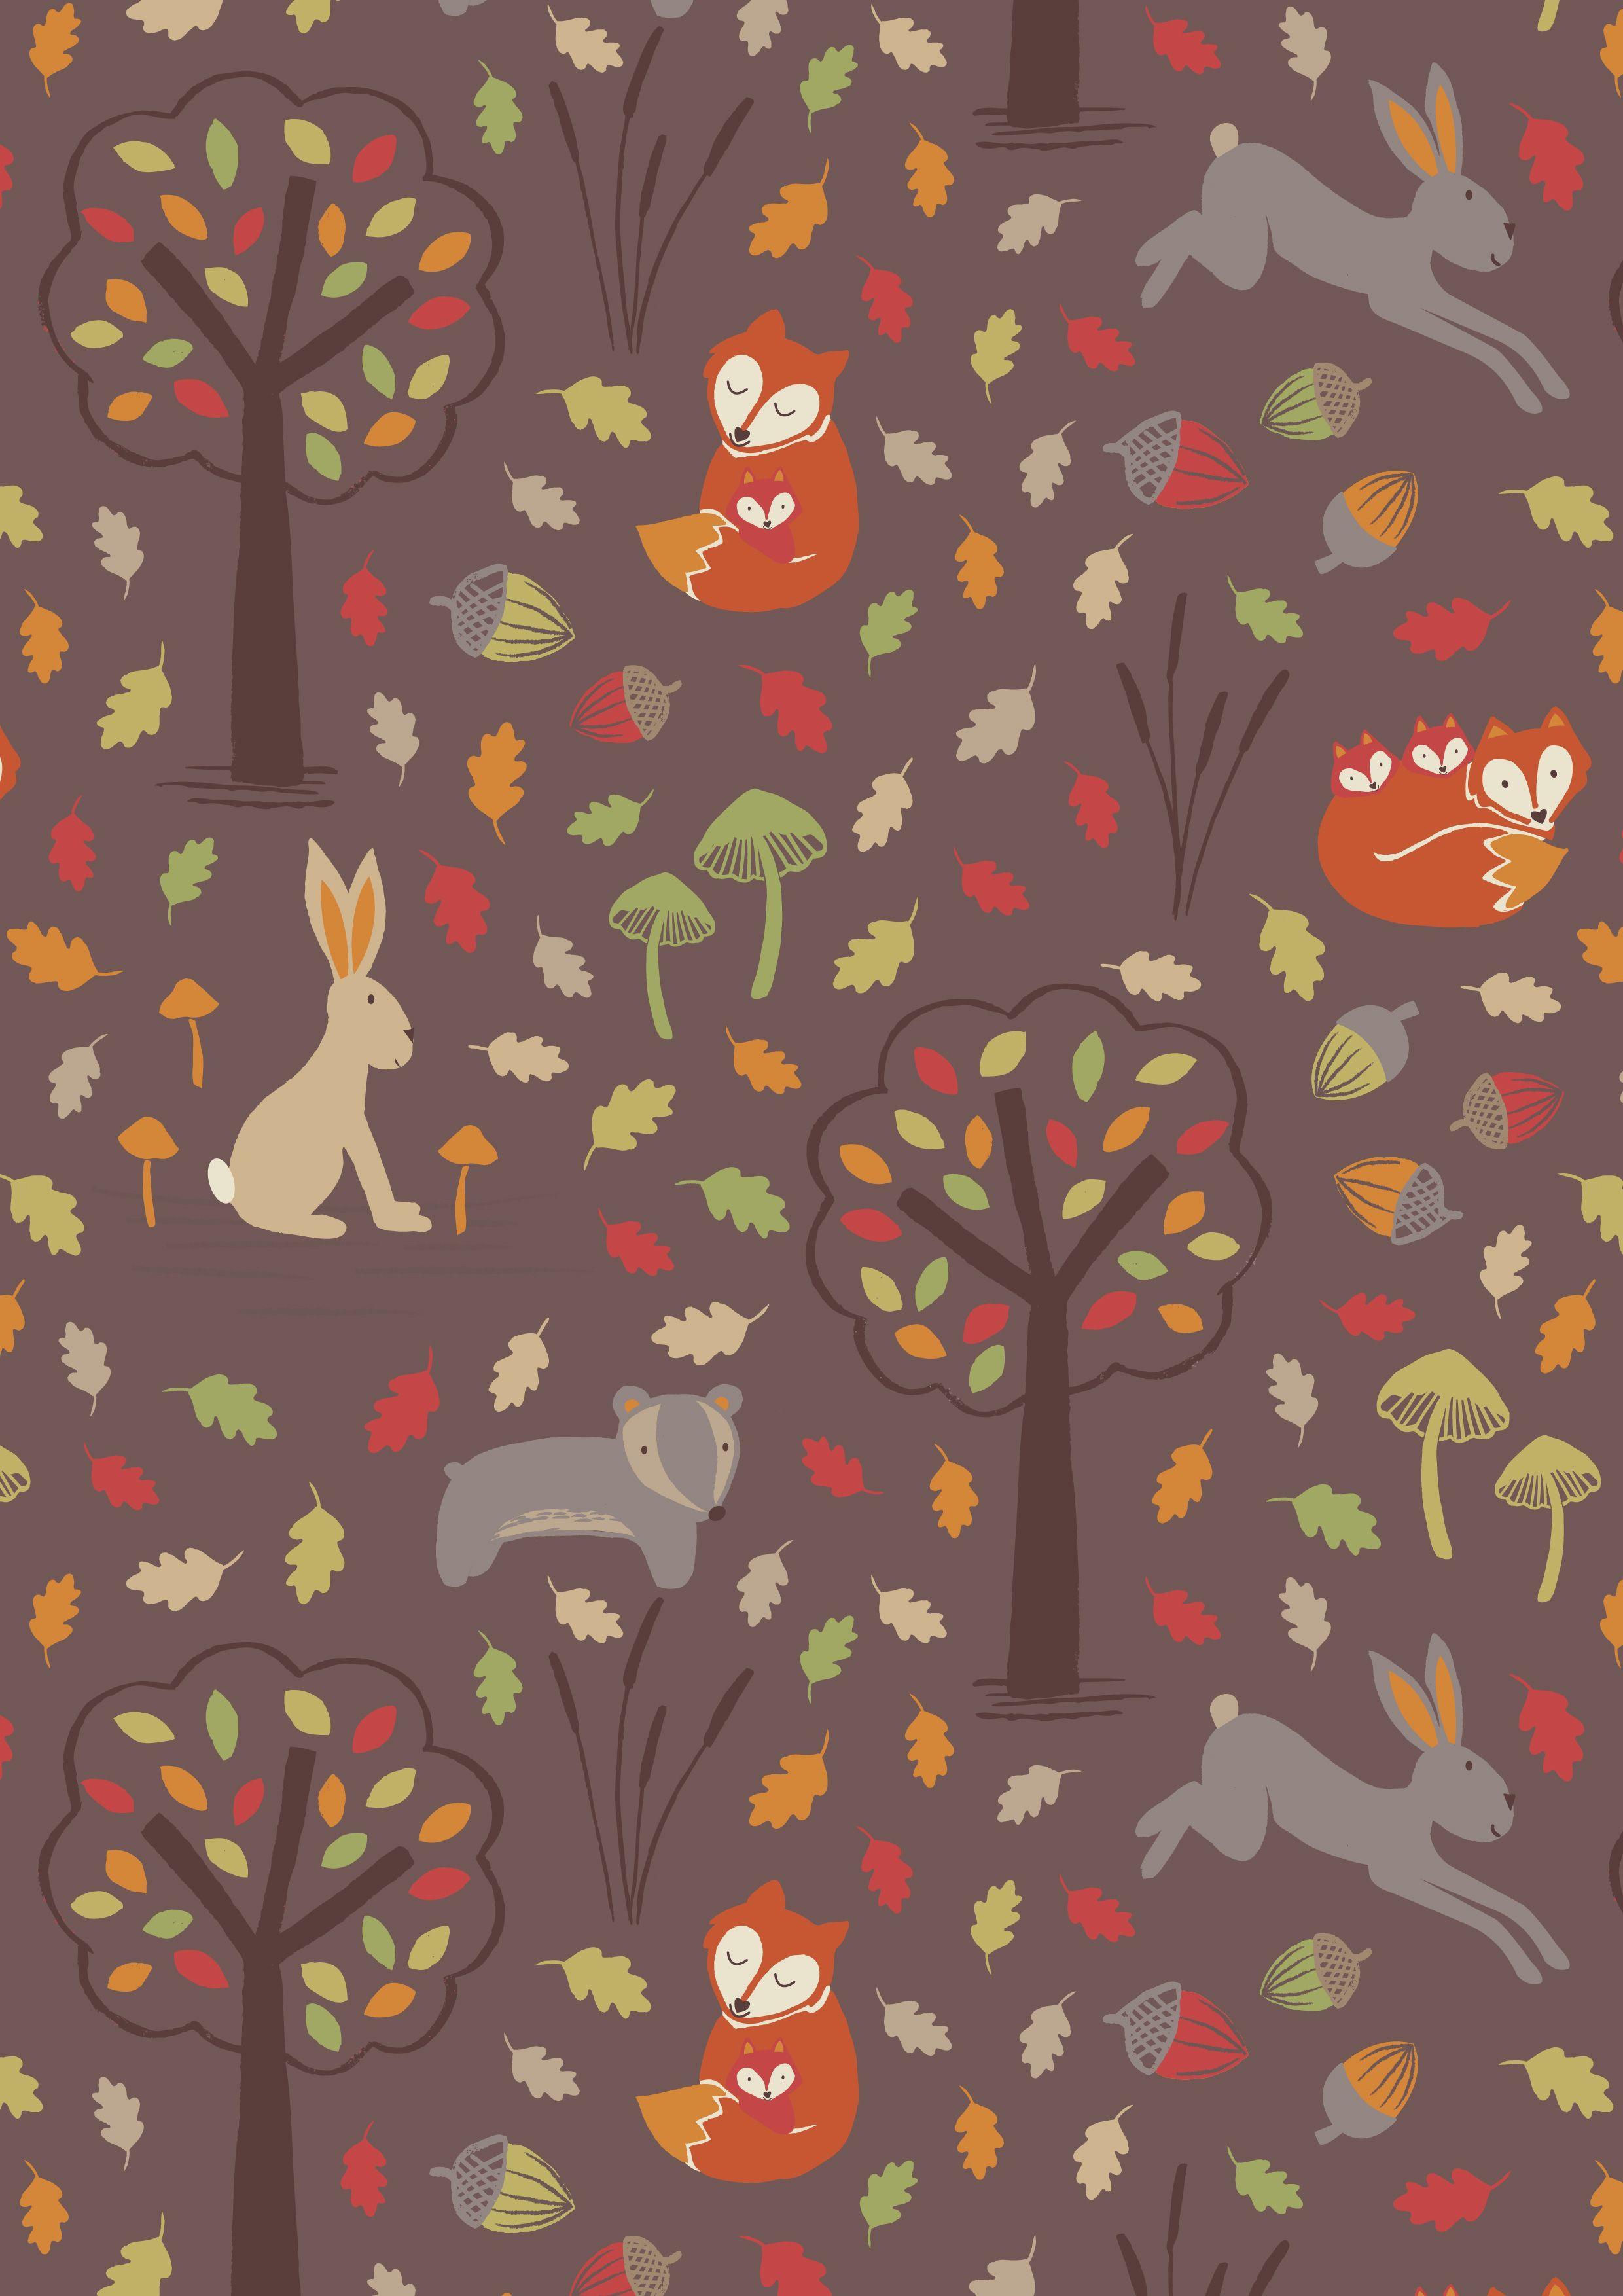 Lewis & Irene - Fox & Friends www.lewisandirene.com